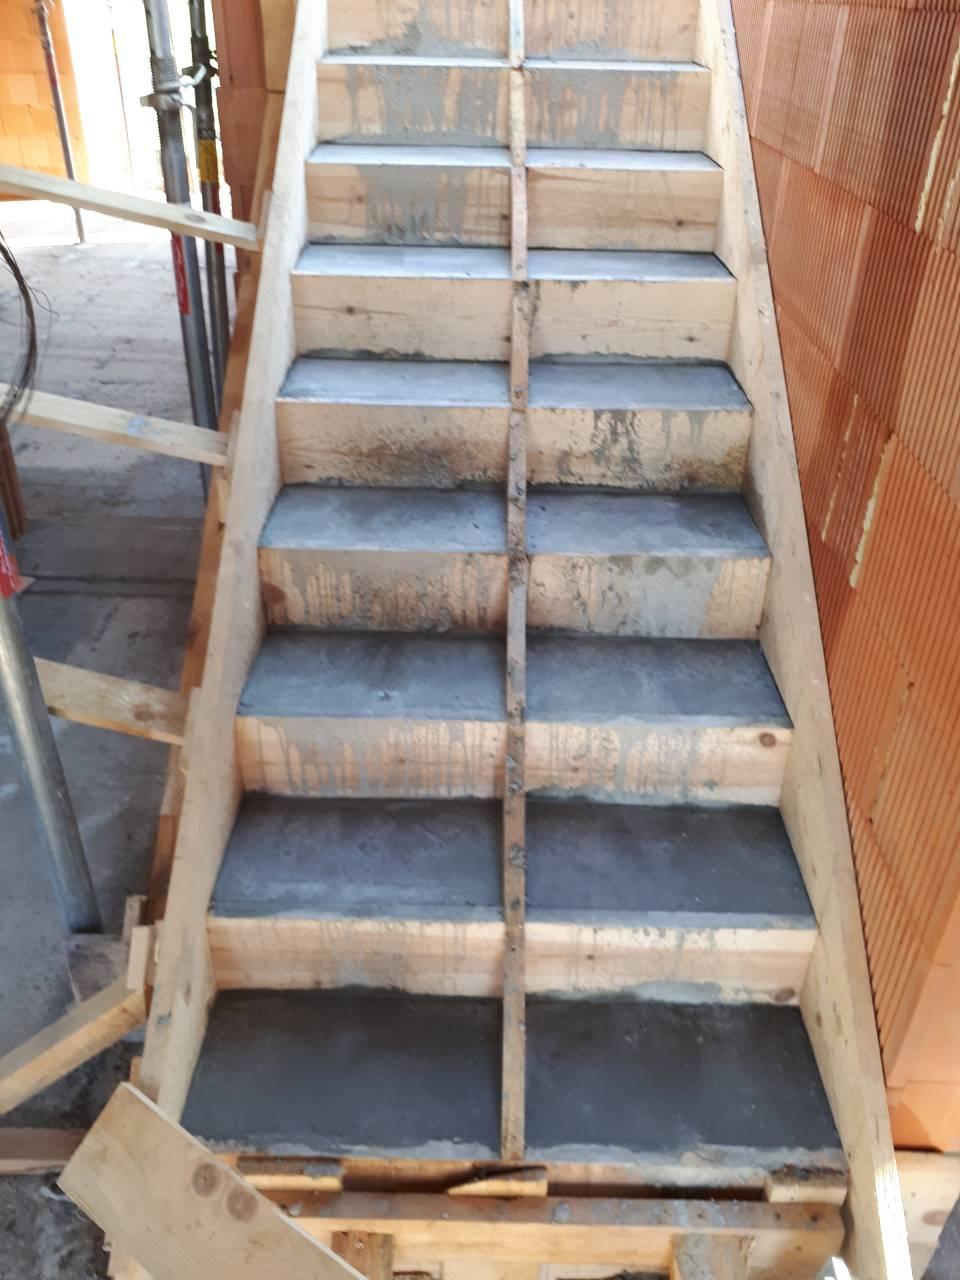 Dom - este stale schody zasalovane... nechce sa mi do toho odsalovania :D